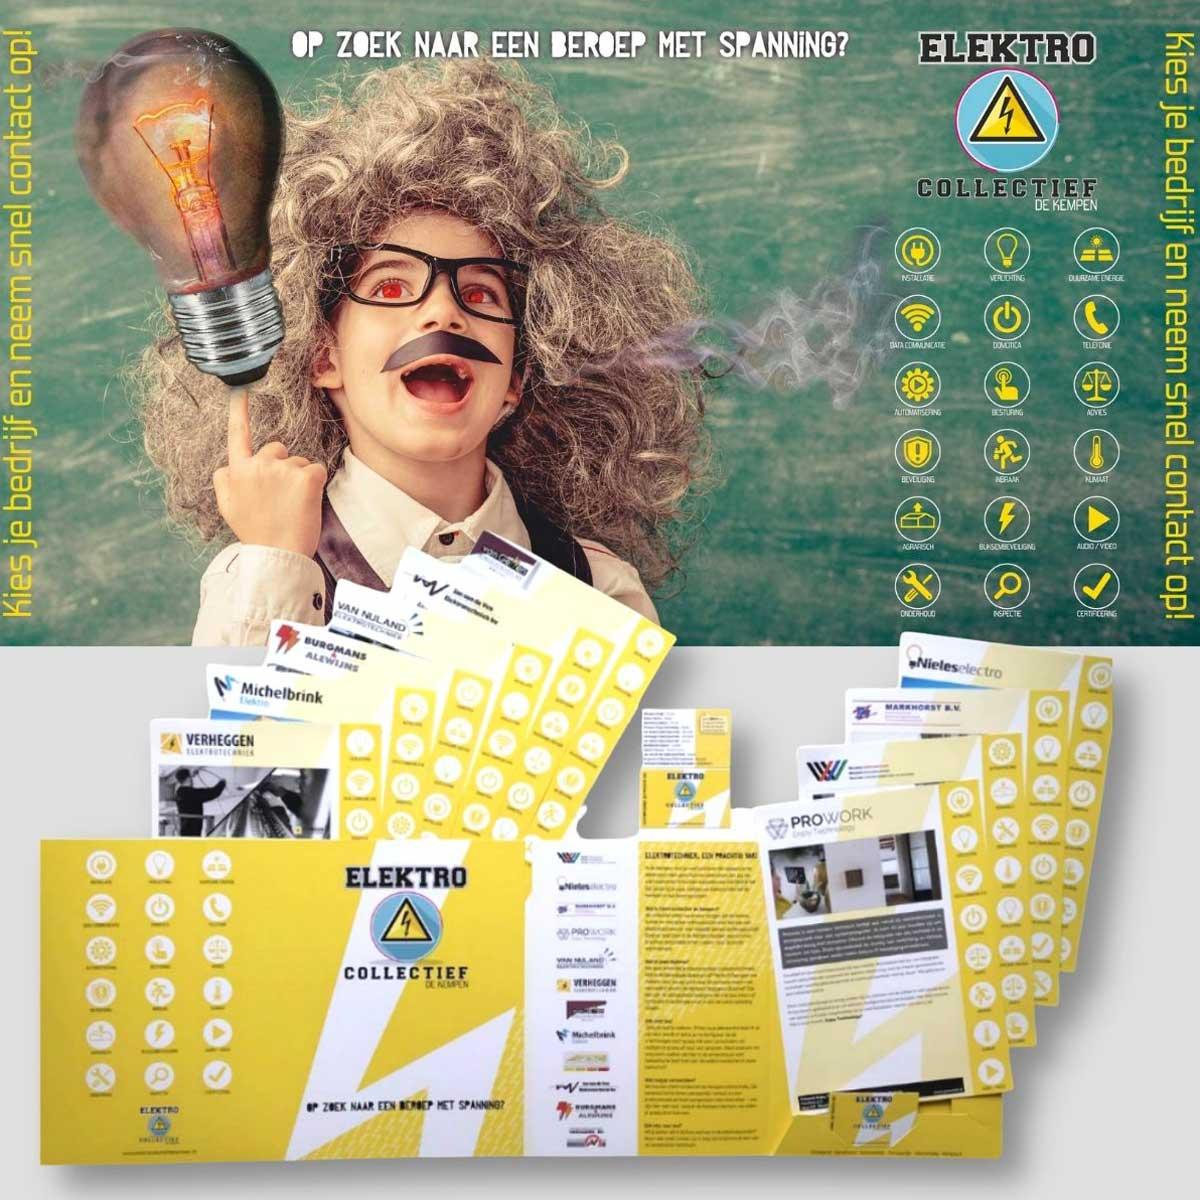 Ontwerp en realisatie van Beursbanner, folder, flyers voor Elektrocollectief Bladel.